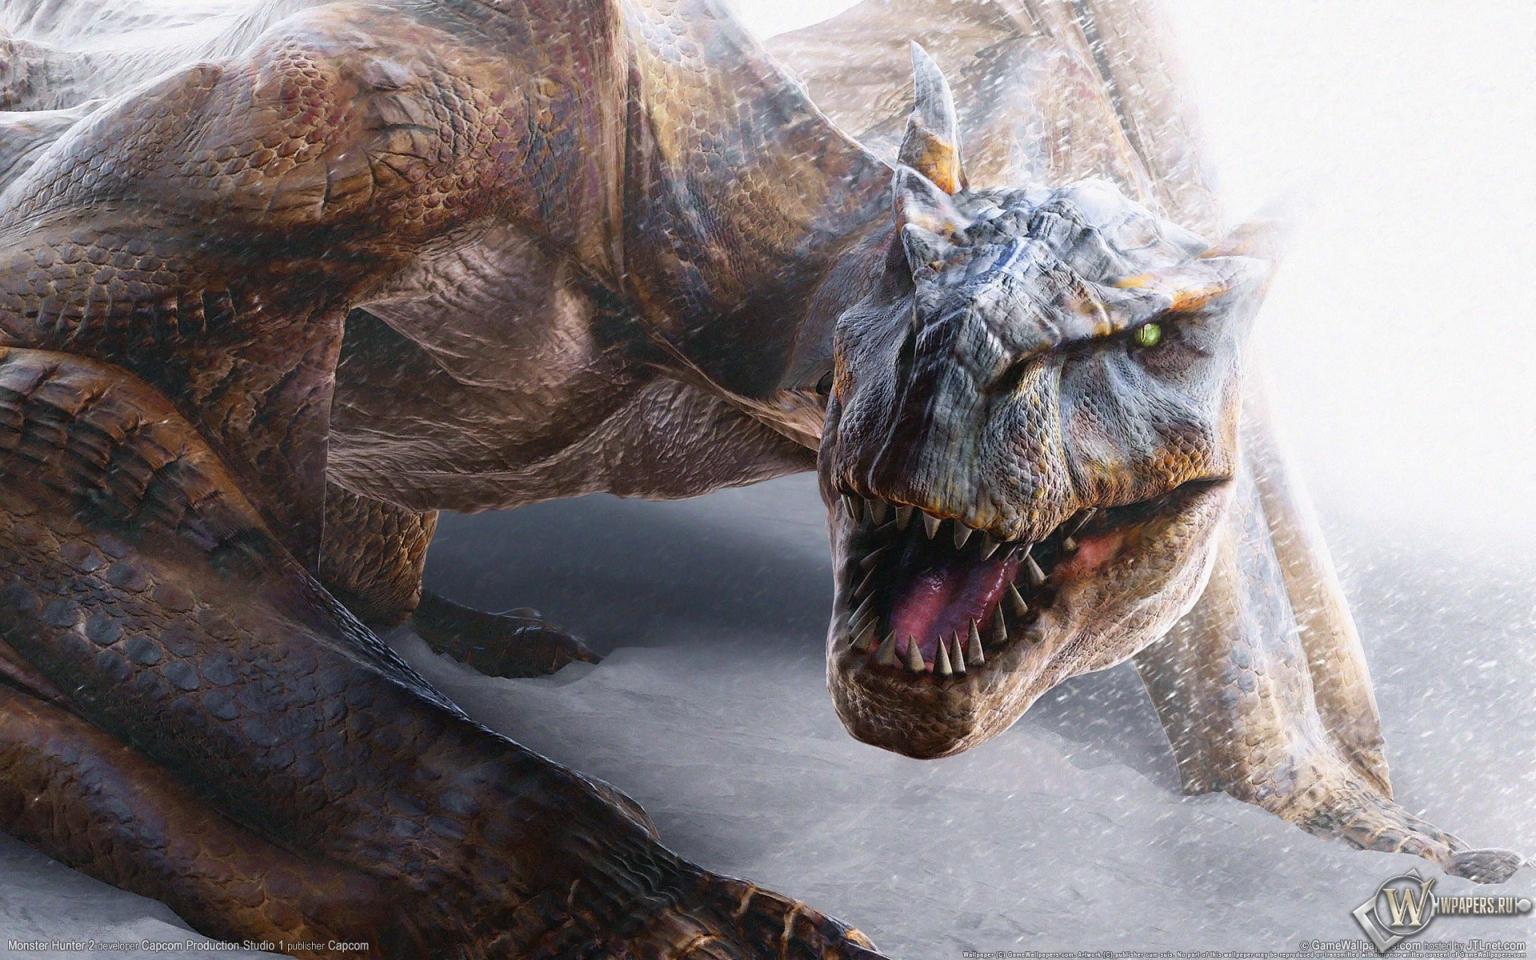 Дракон 1536x960